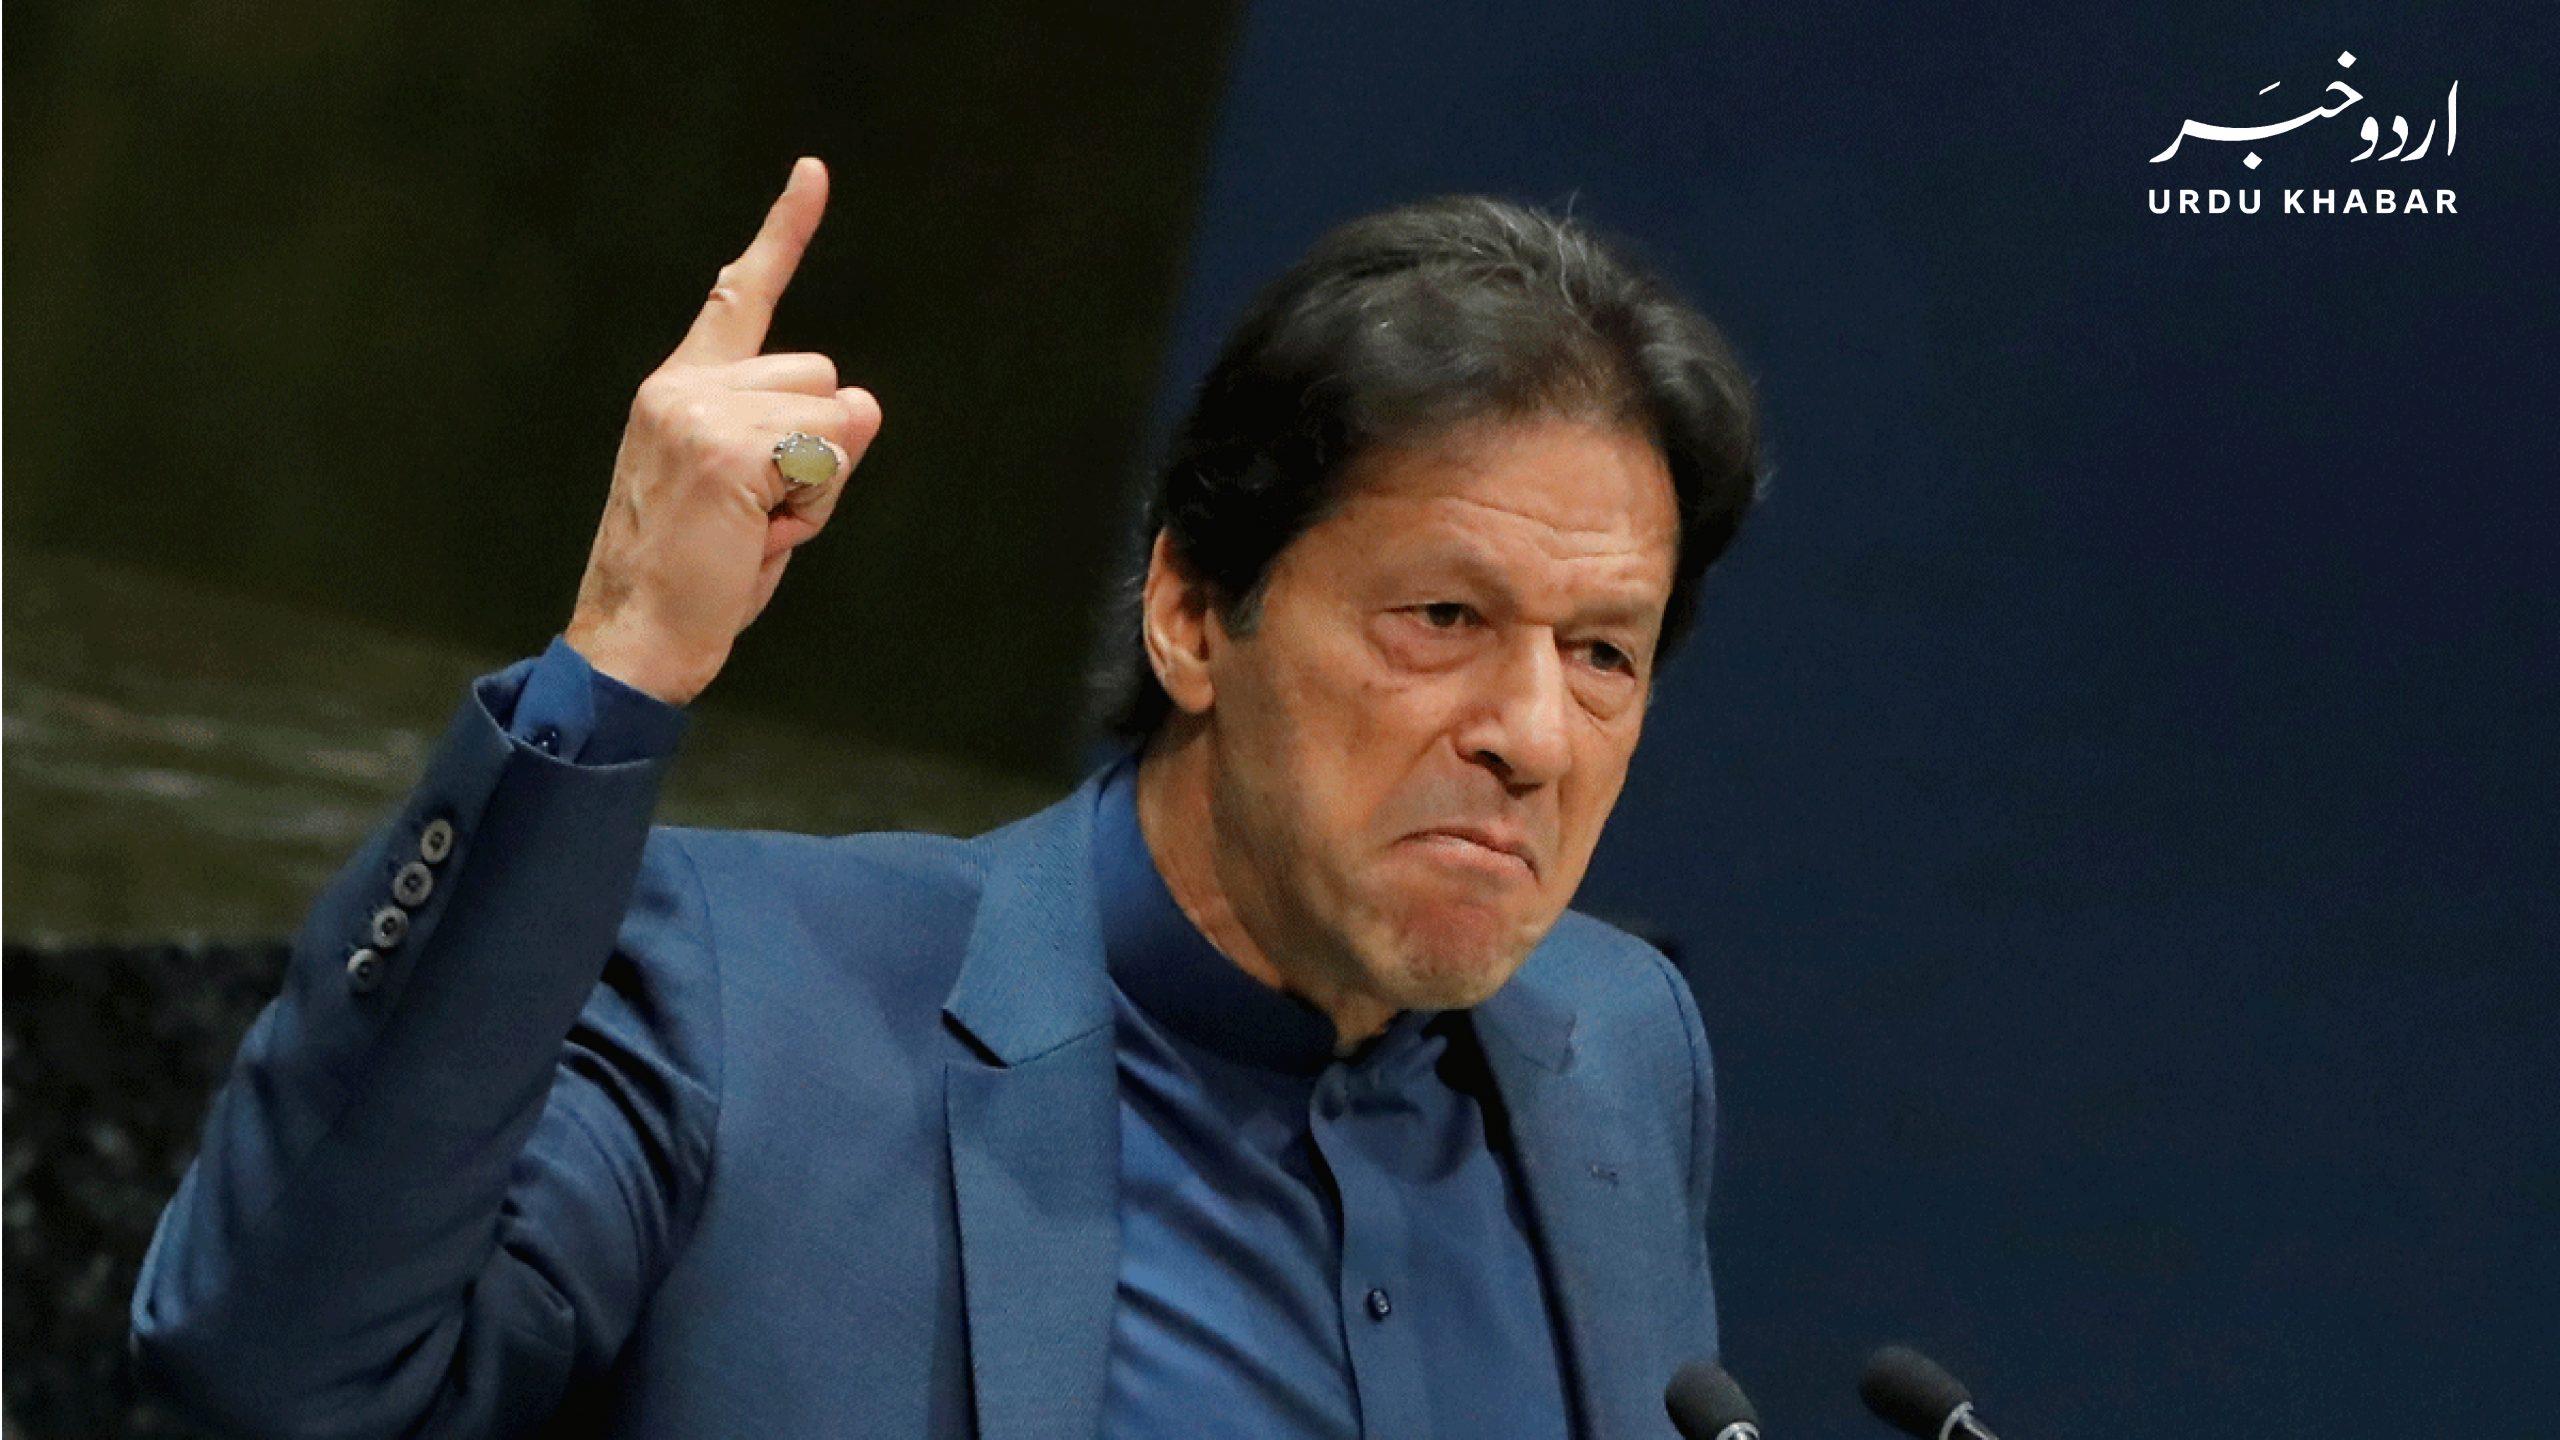 عمران خان کا علماء کرام کو کرپشن کے خلاف آواز اٹھانے کا مشورہ